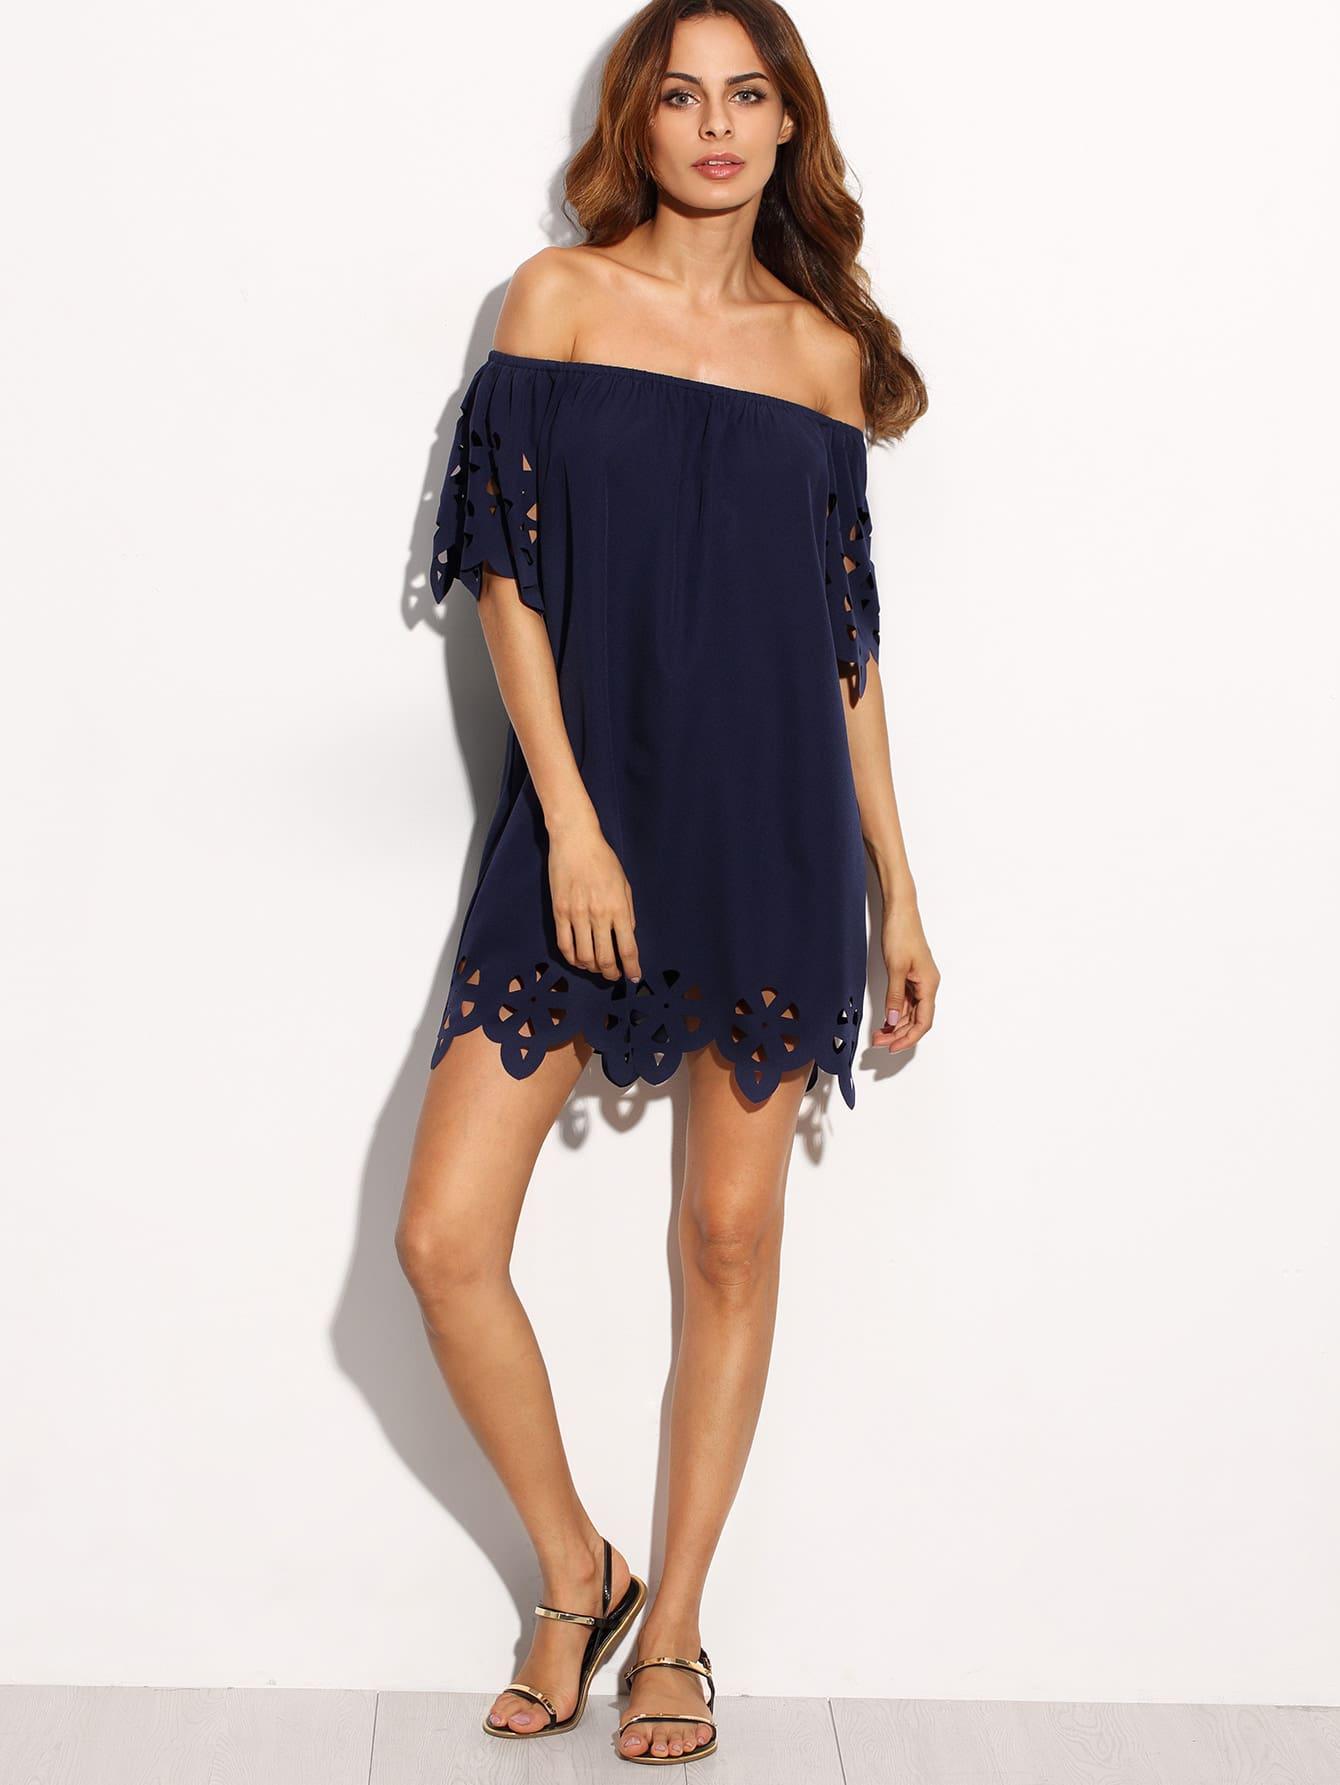 dress160802518_2